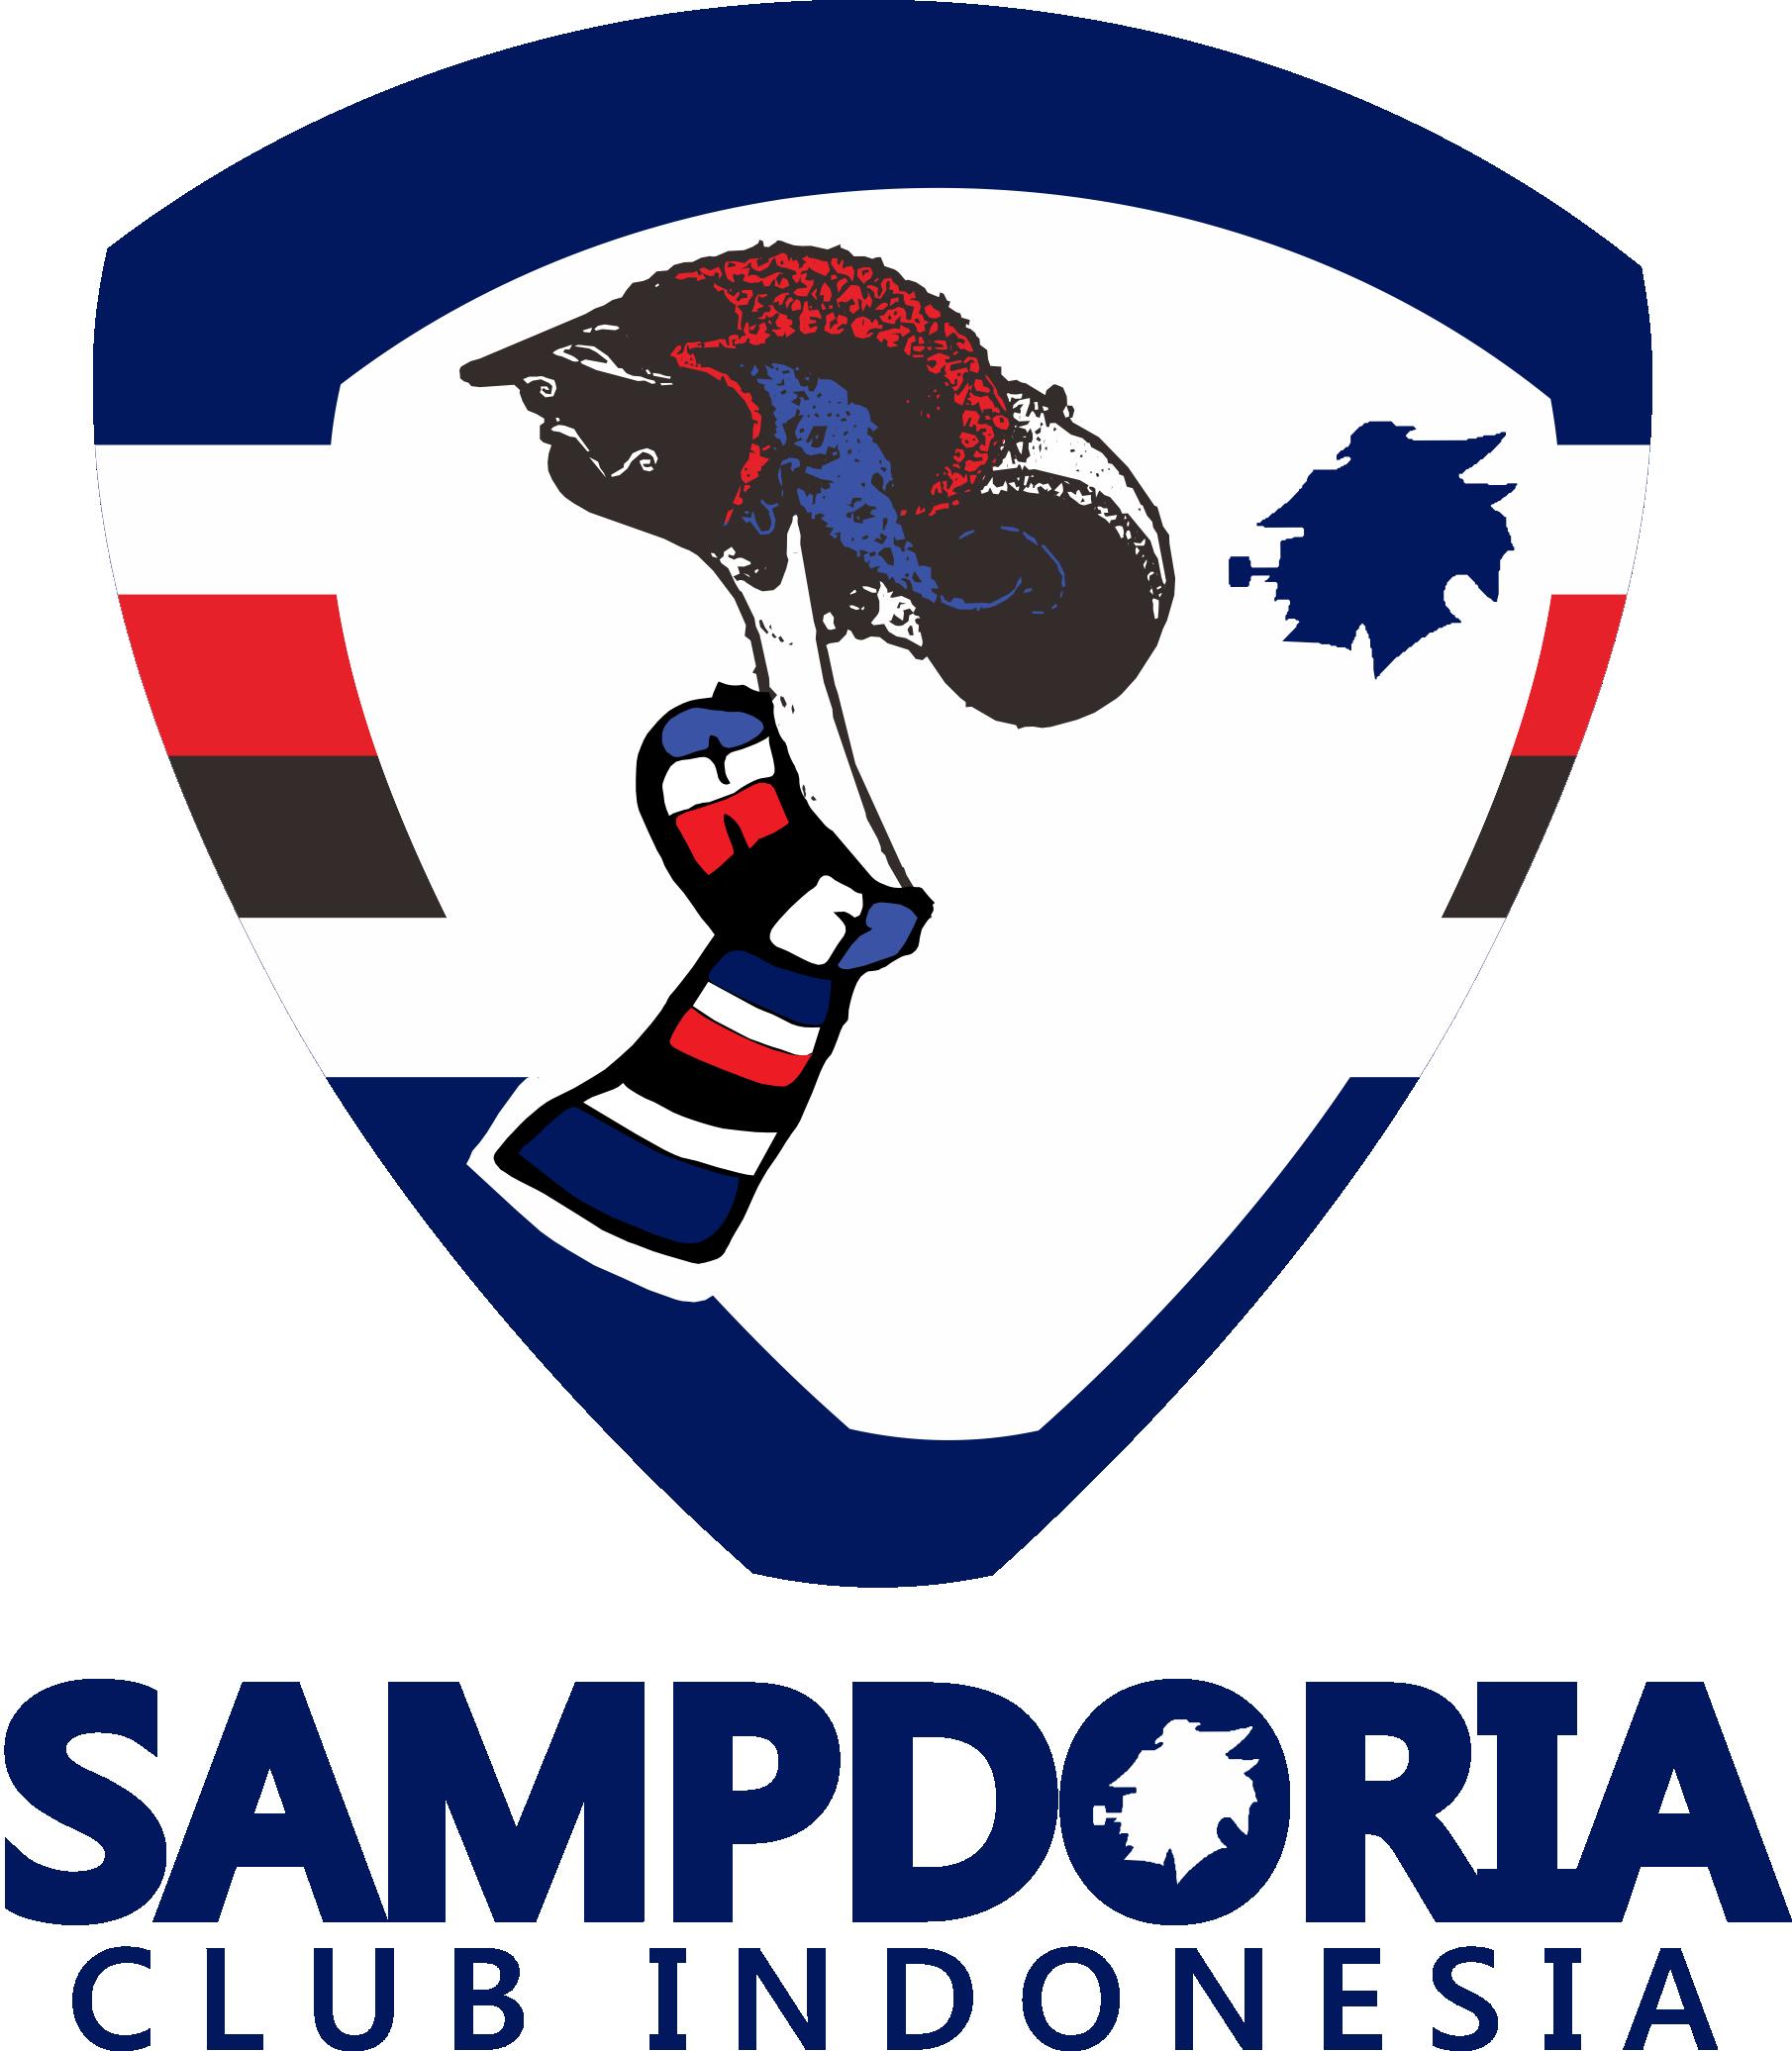 logo sampdoria club indonesia indosamp forza sampdoria